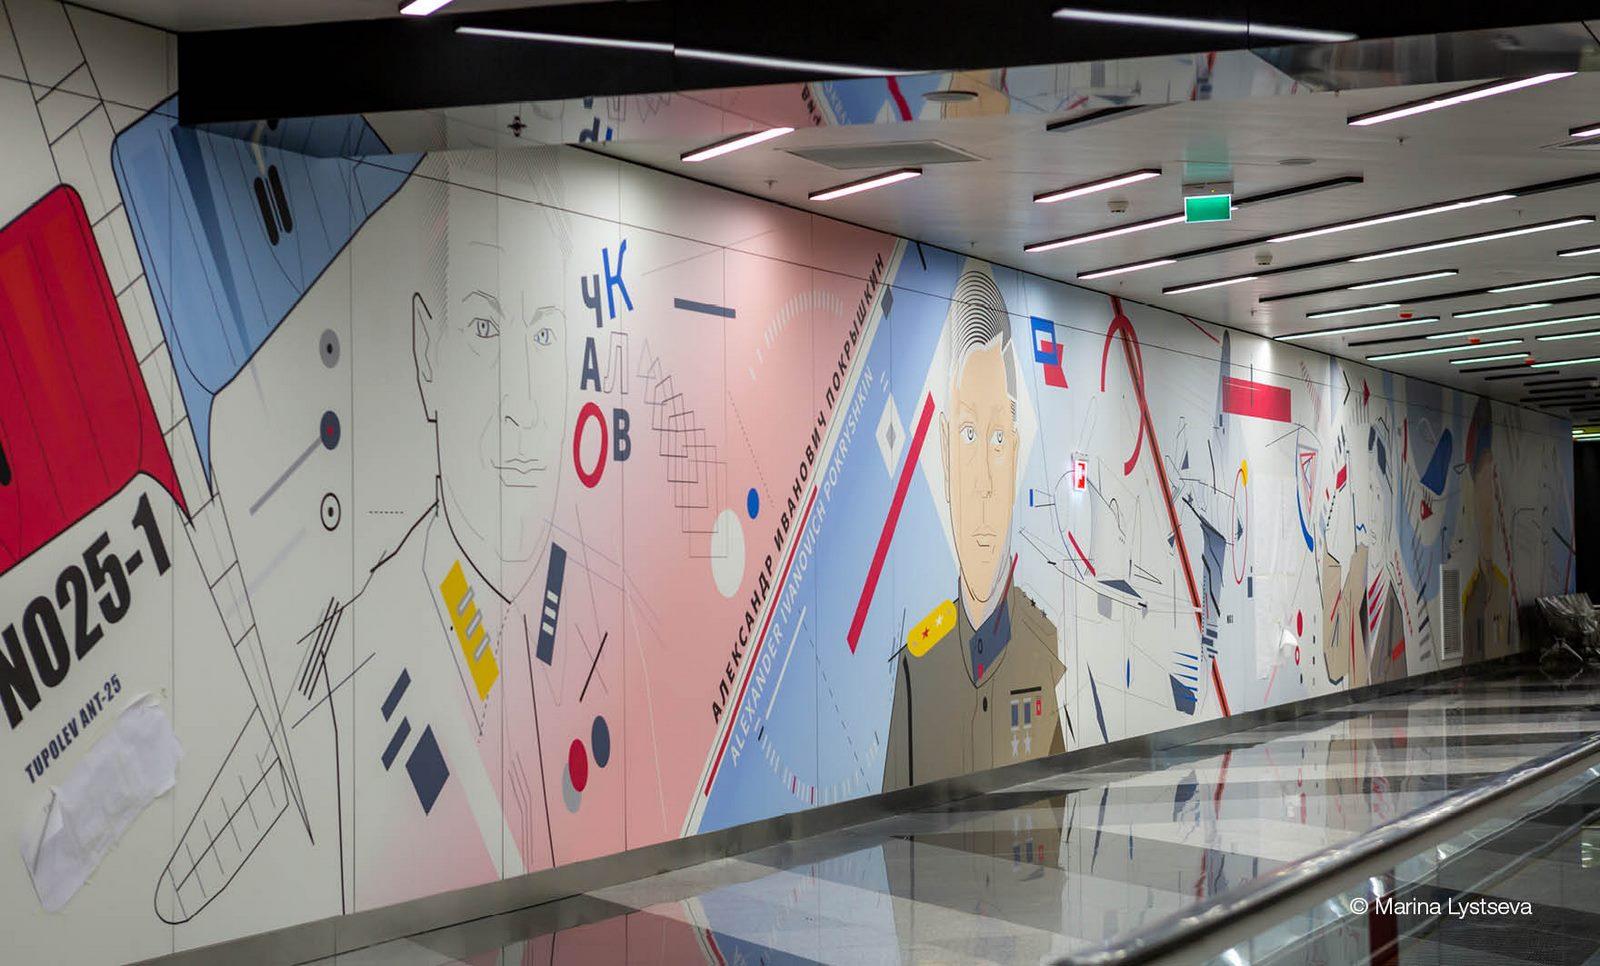 La historia y cultura rusa reflejada en el Aeropuerto de Moscú 8